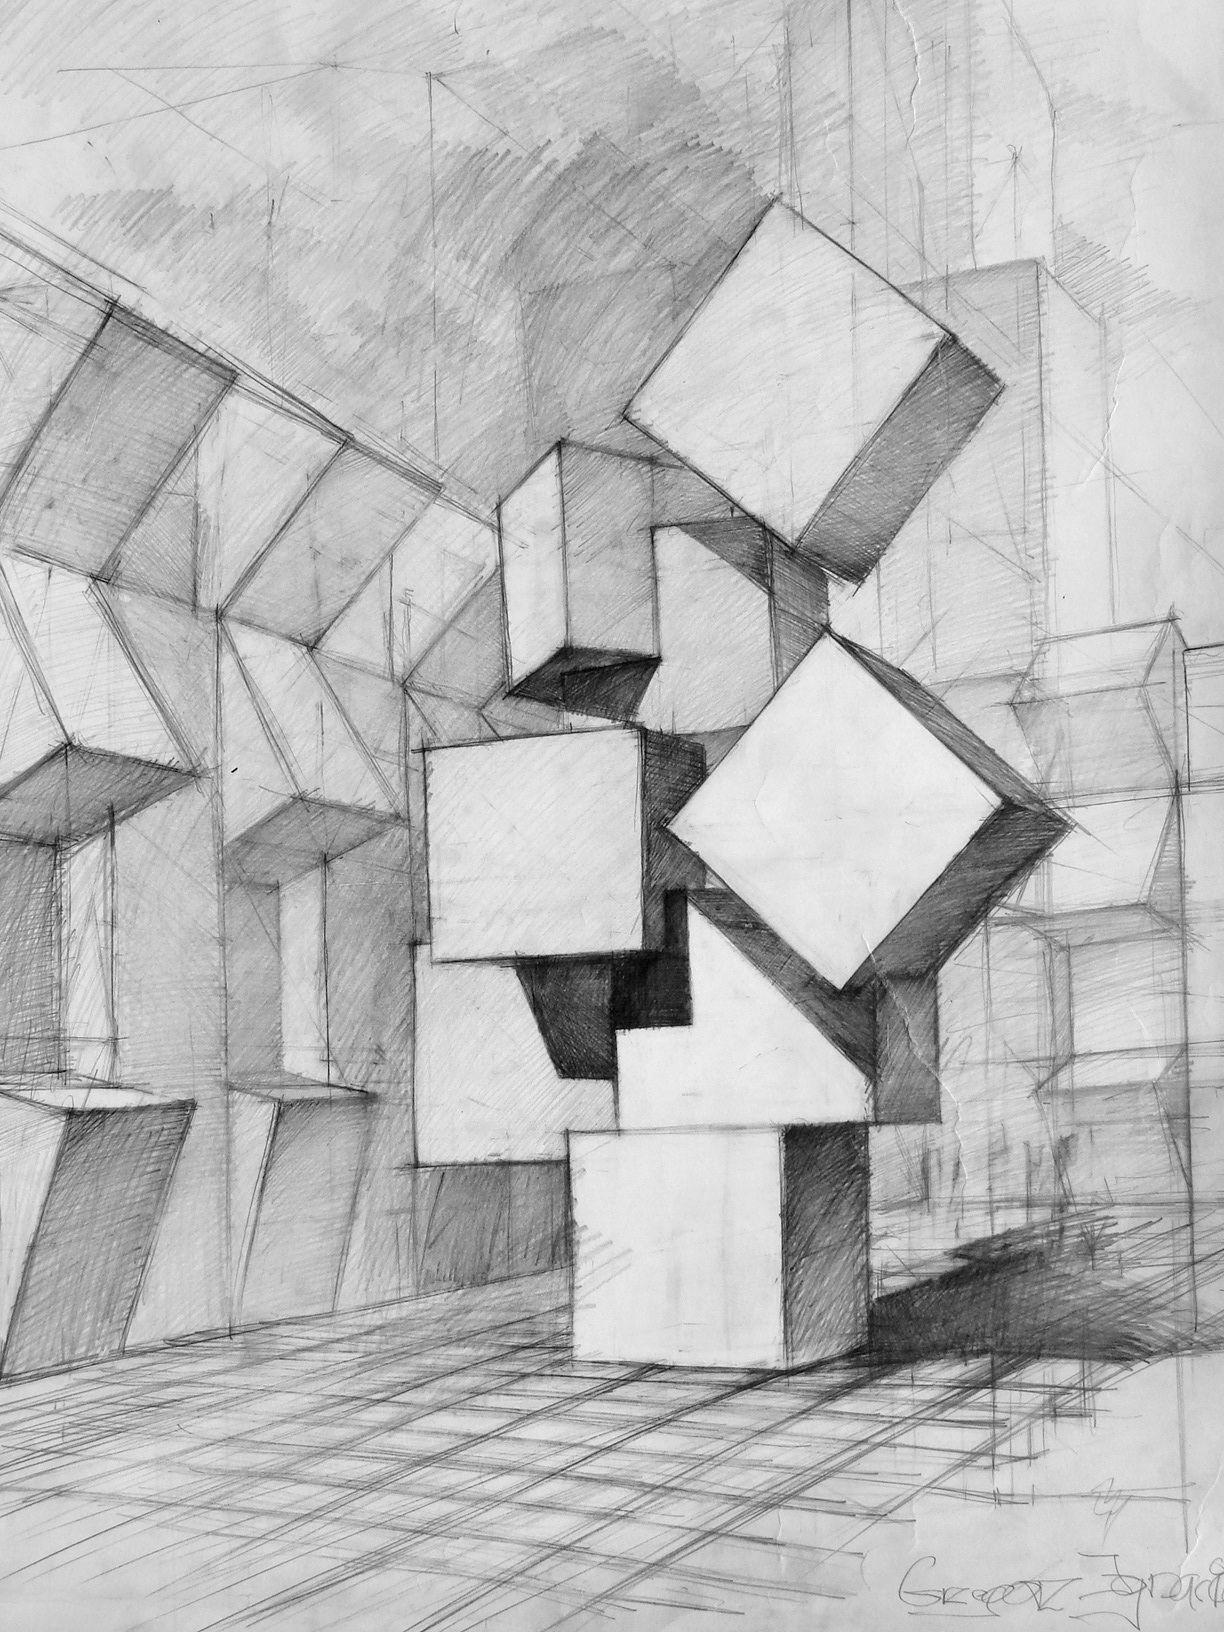 Pingl par lovegart sur perspective pinterest dessins main dessin et peinture dessin - Arts plastiques chambre en perspective ...